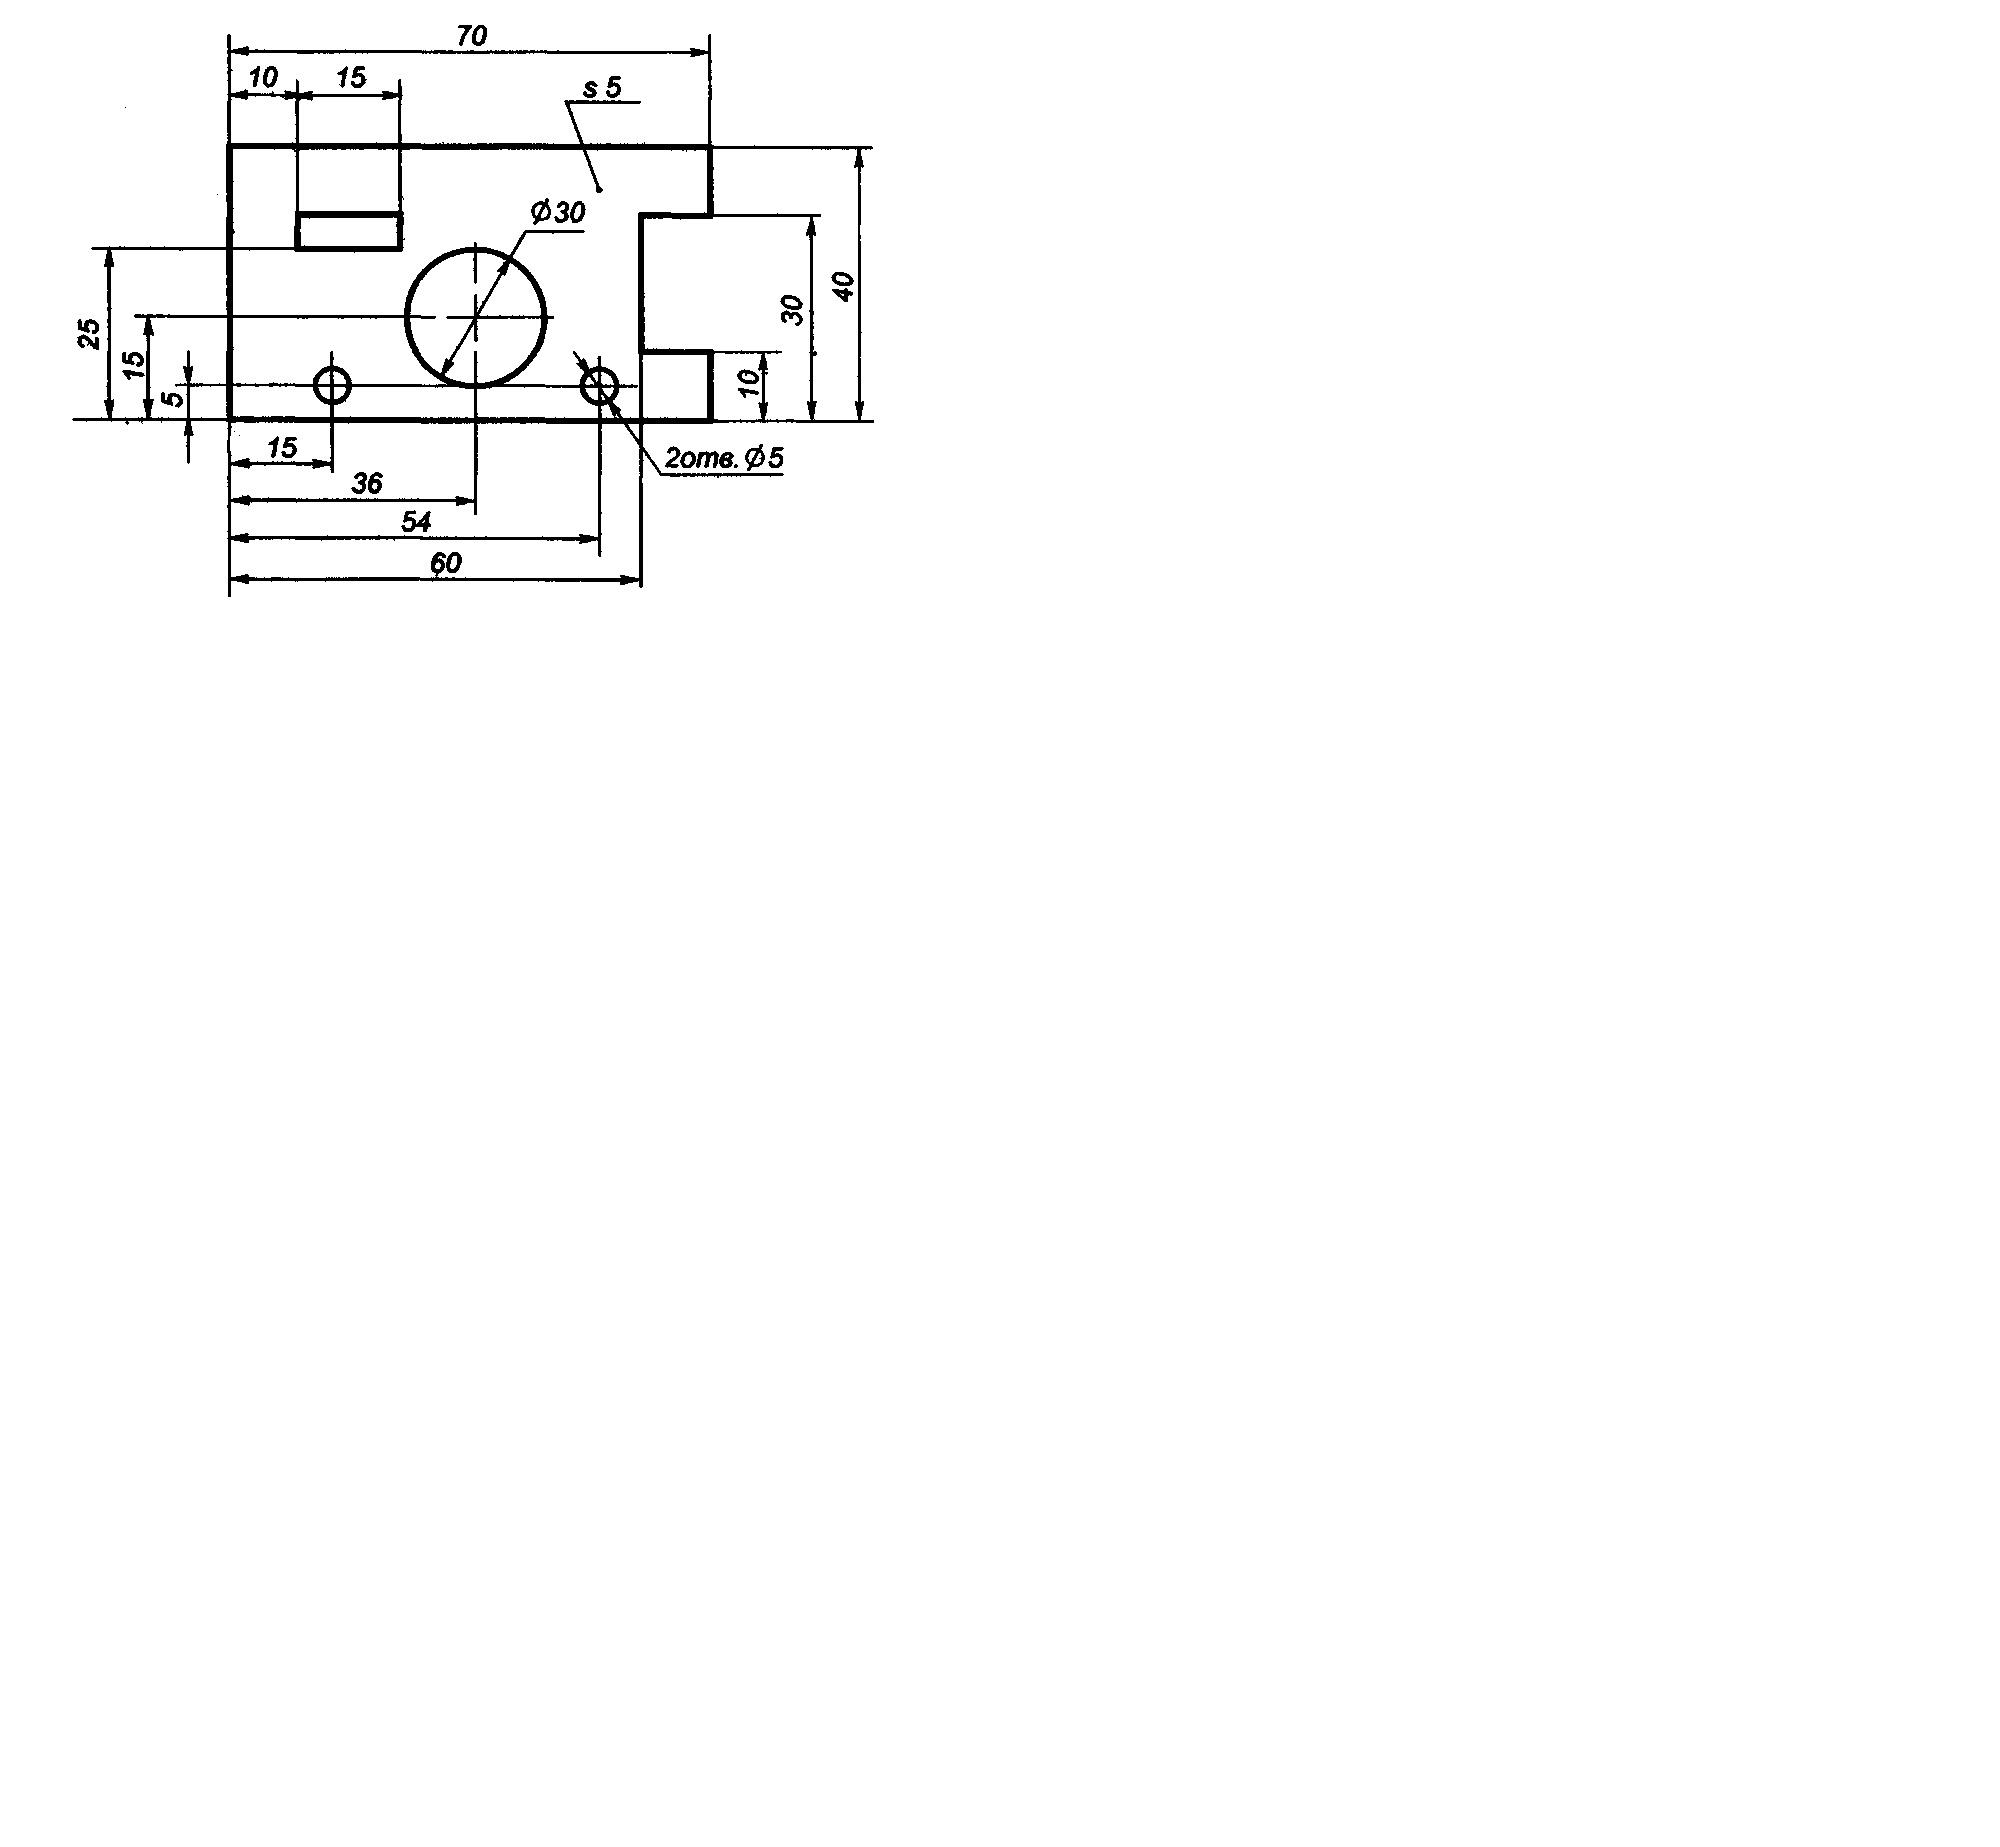 hello html 60c44e77 - На чертеже задан масштаб 2 1 как будут соотноситься линейные размеры изображения с ответ